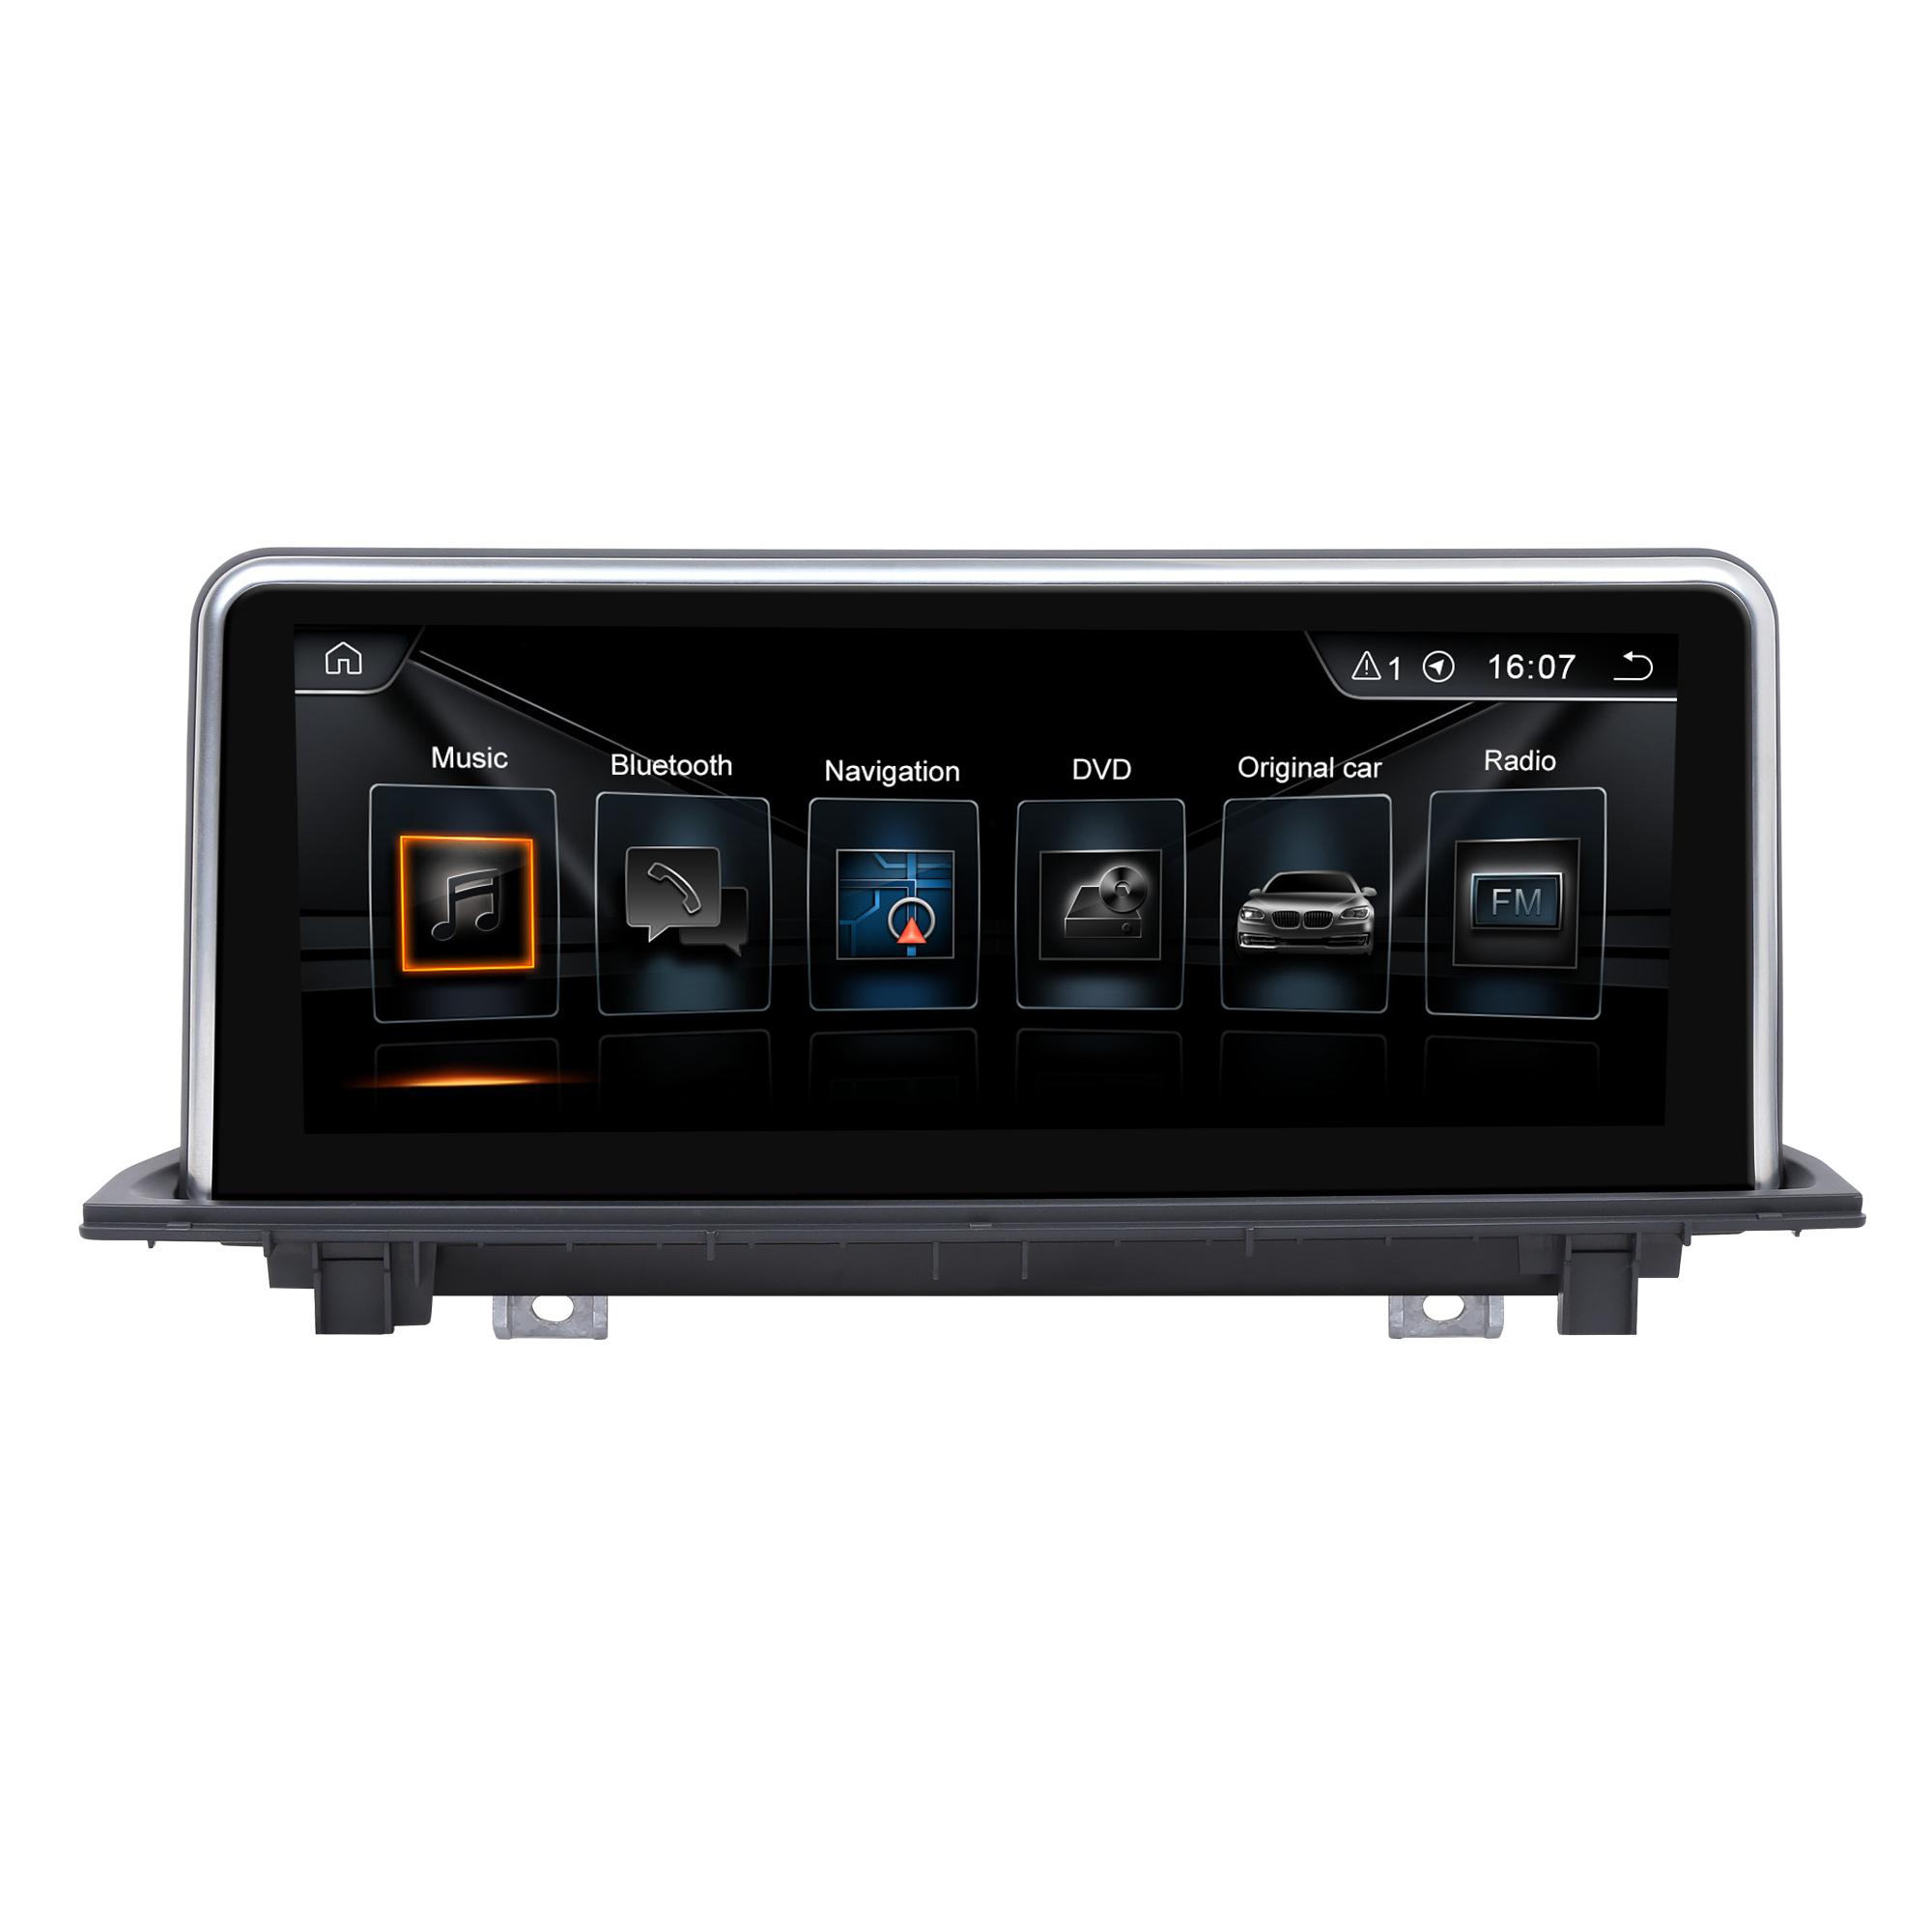 1025 inch android car multimedia nad navigation system for for bmw 1025 inch android car multimedia nad navigation system for for bmw x1 f482016 2017 original nbt a carnavi altavistaventures Images